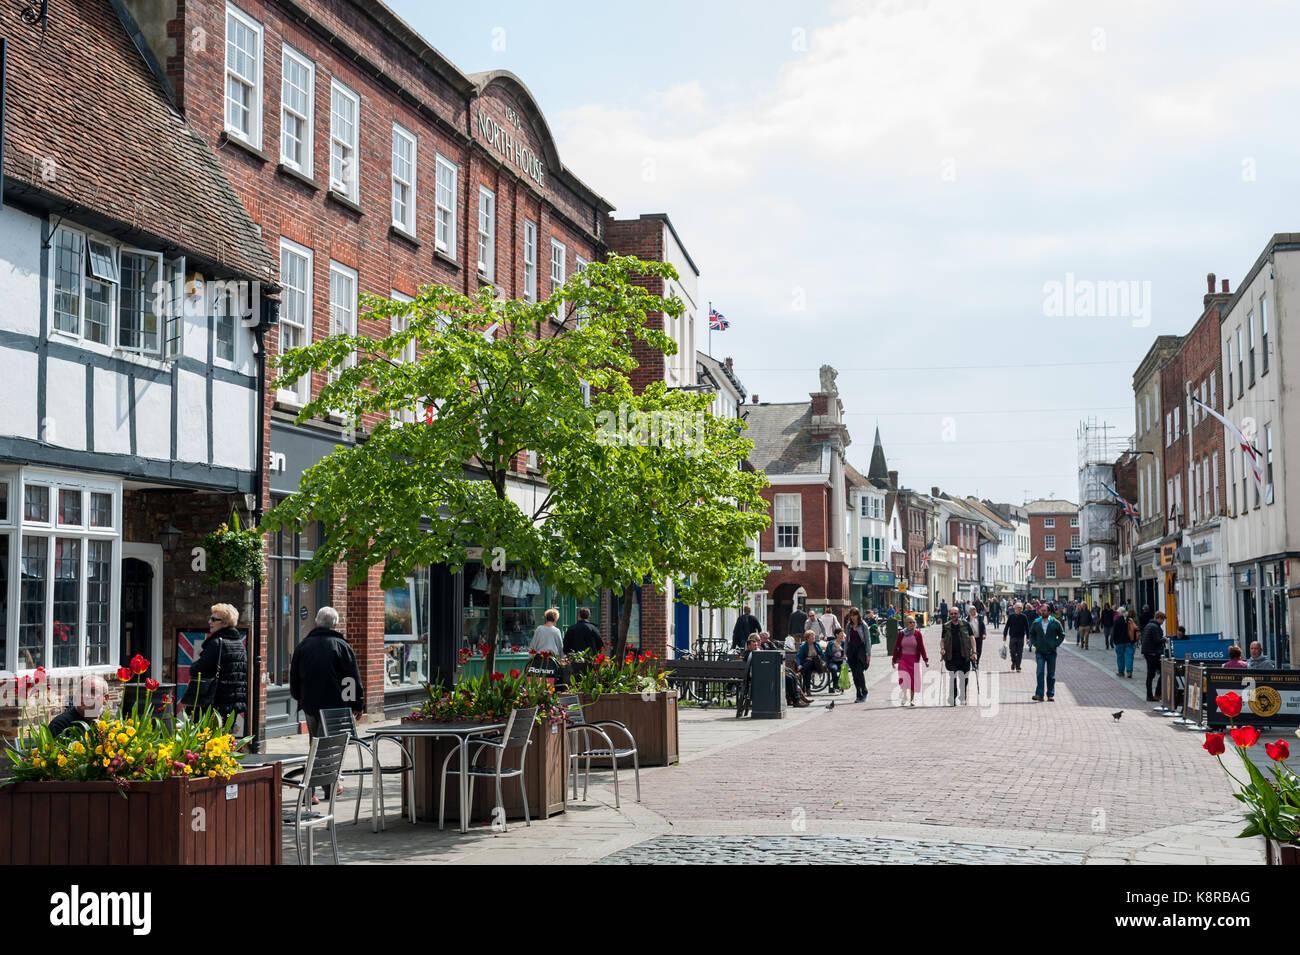 Shopping Street Pedestrian Area Chichester Stock Photos